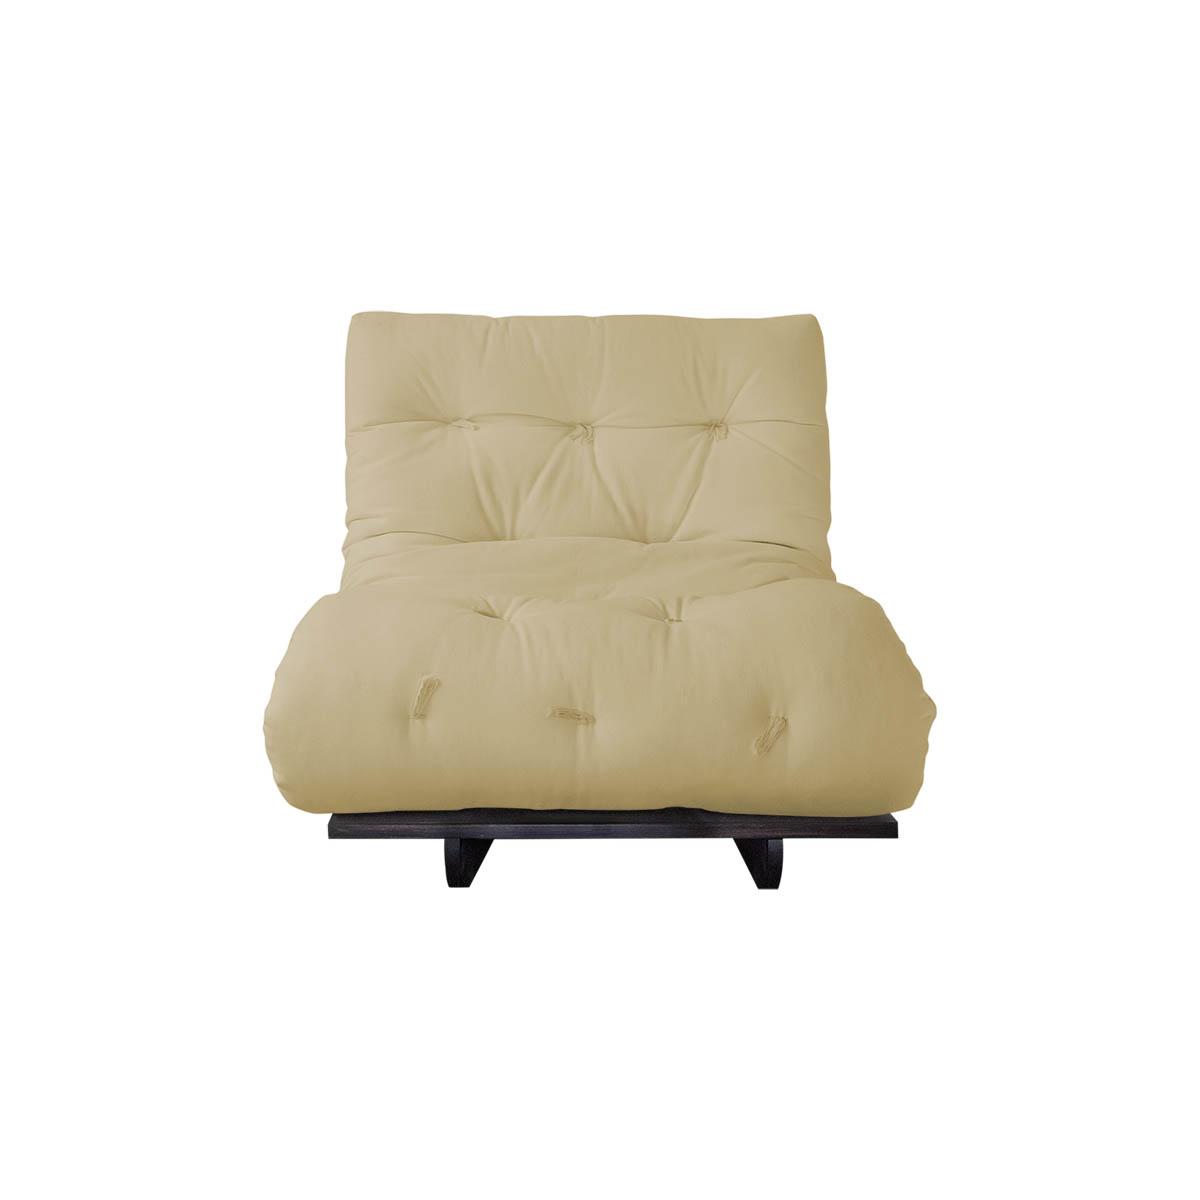 Sofa cama de madeira futon company for Futon para sofa cama